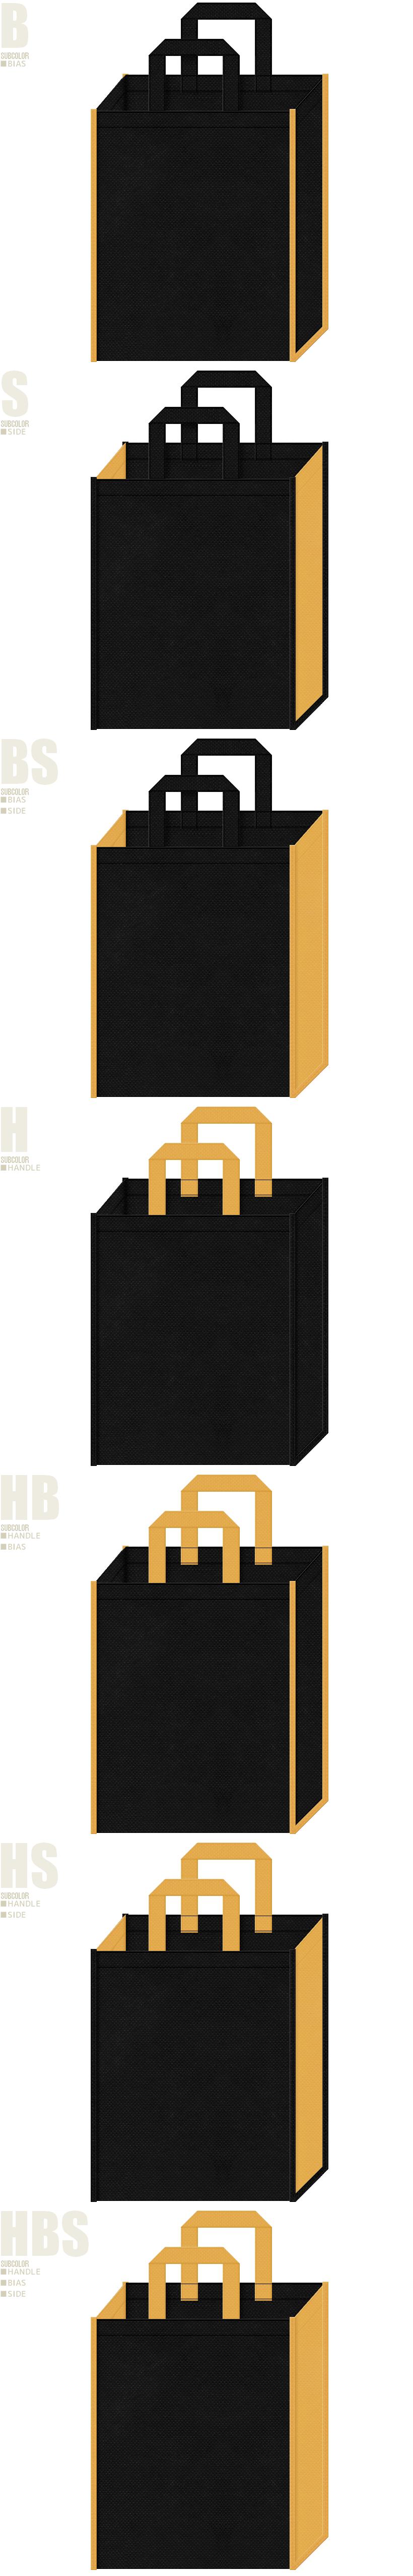 黒色と黄土色、7パターンの不織布トートバッグ配色デザイン例。